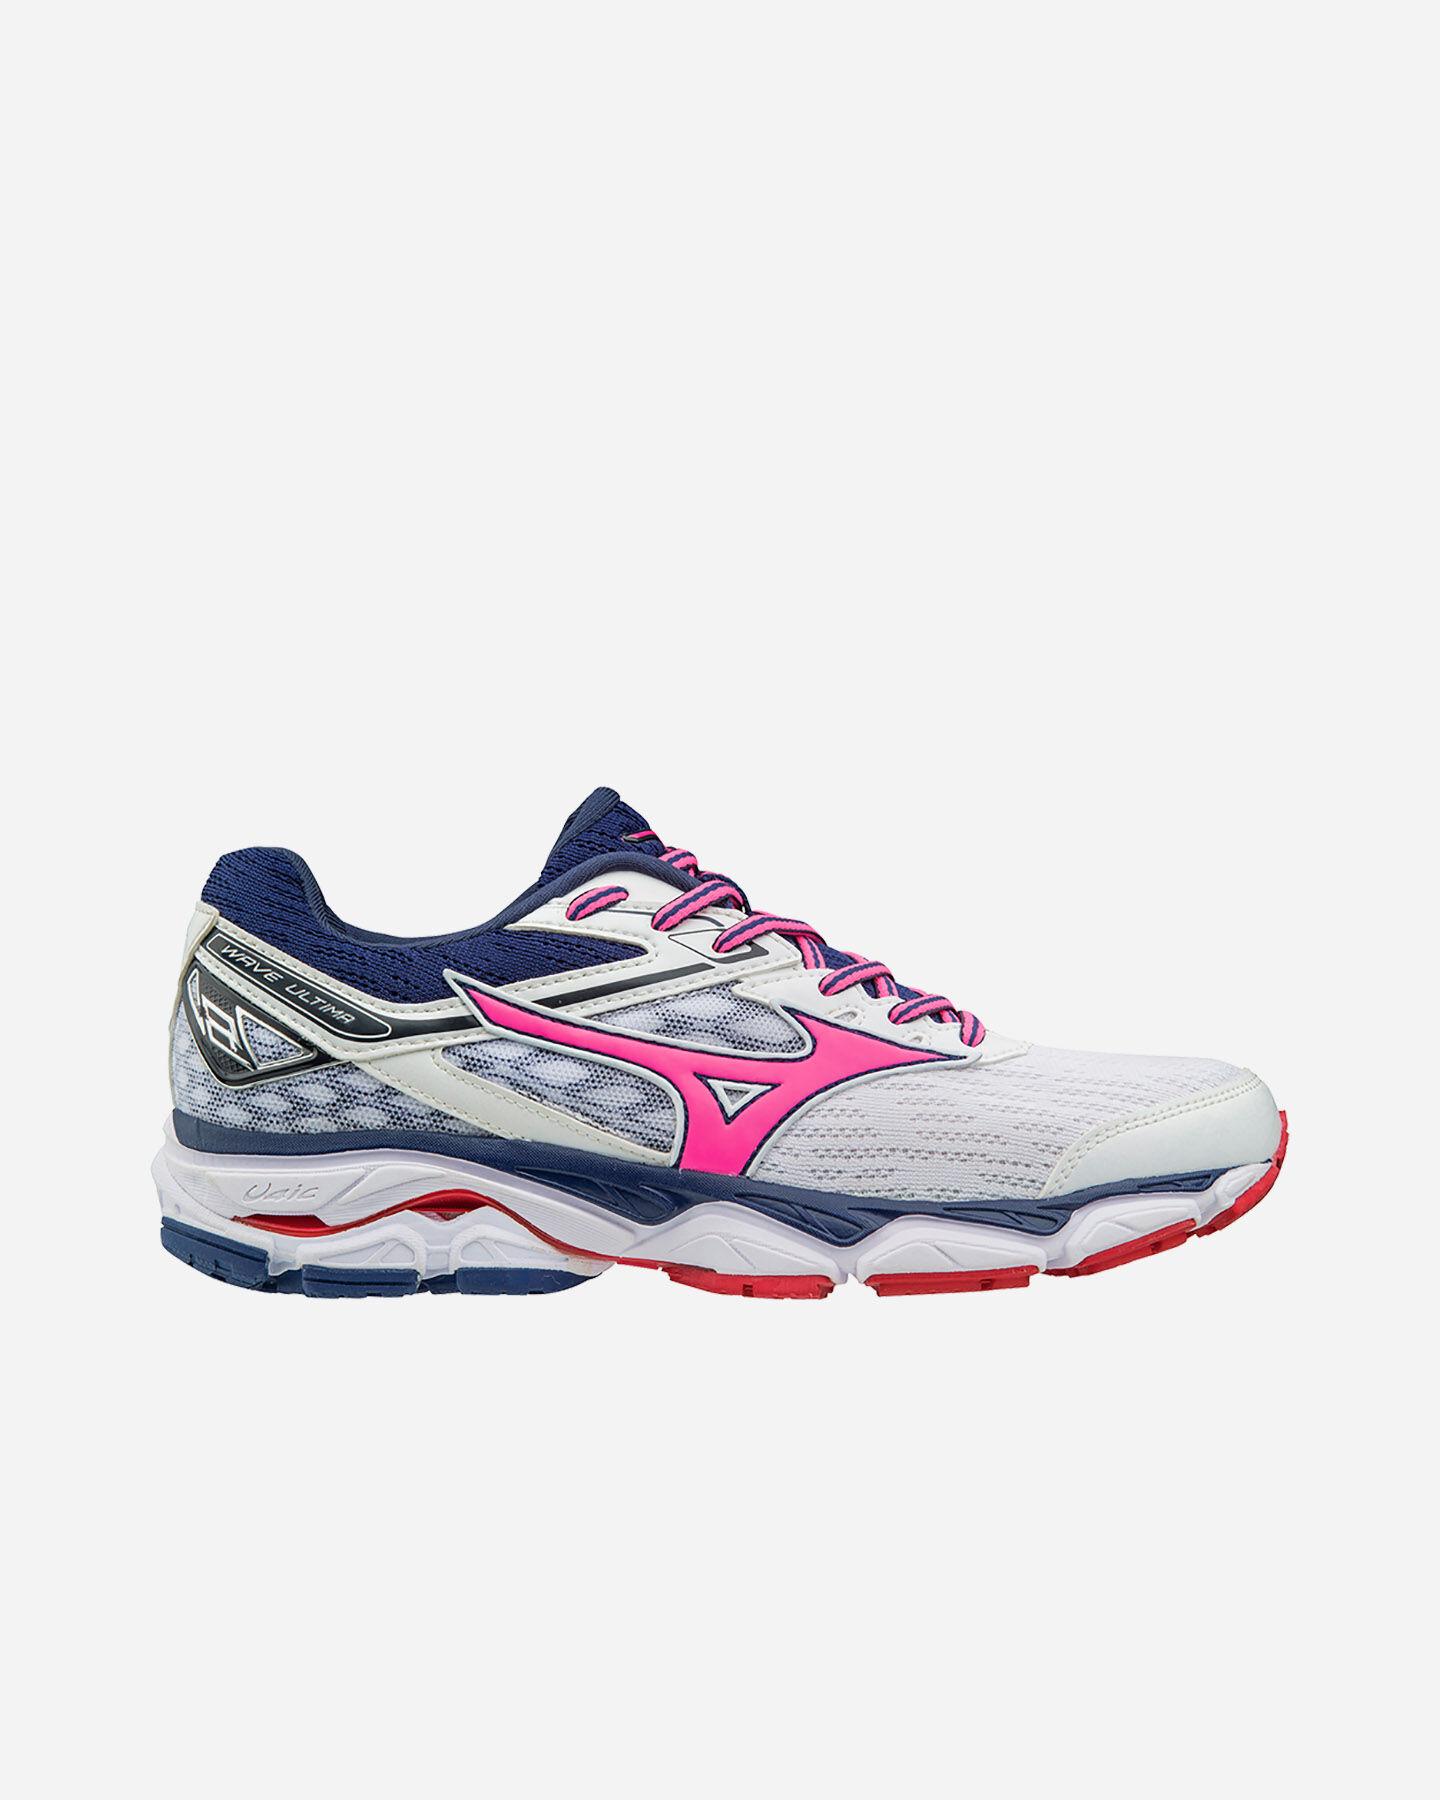 durata scarpe running mizuno